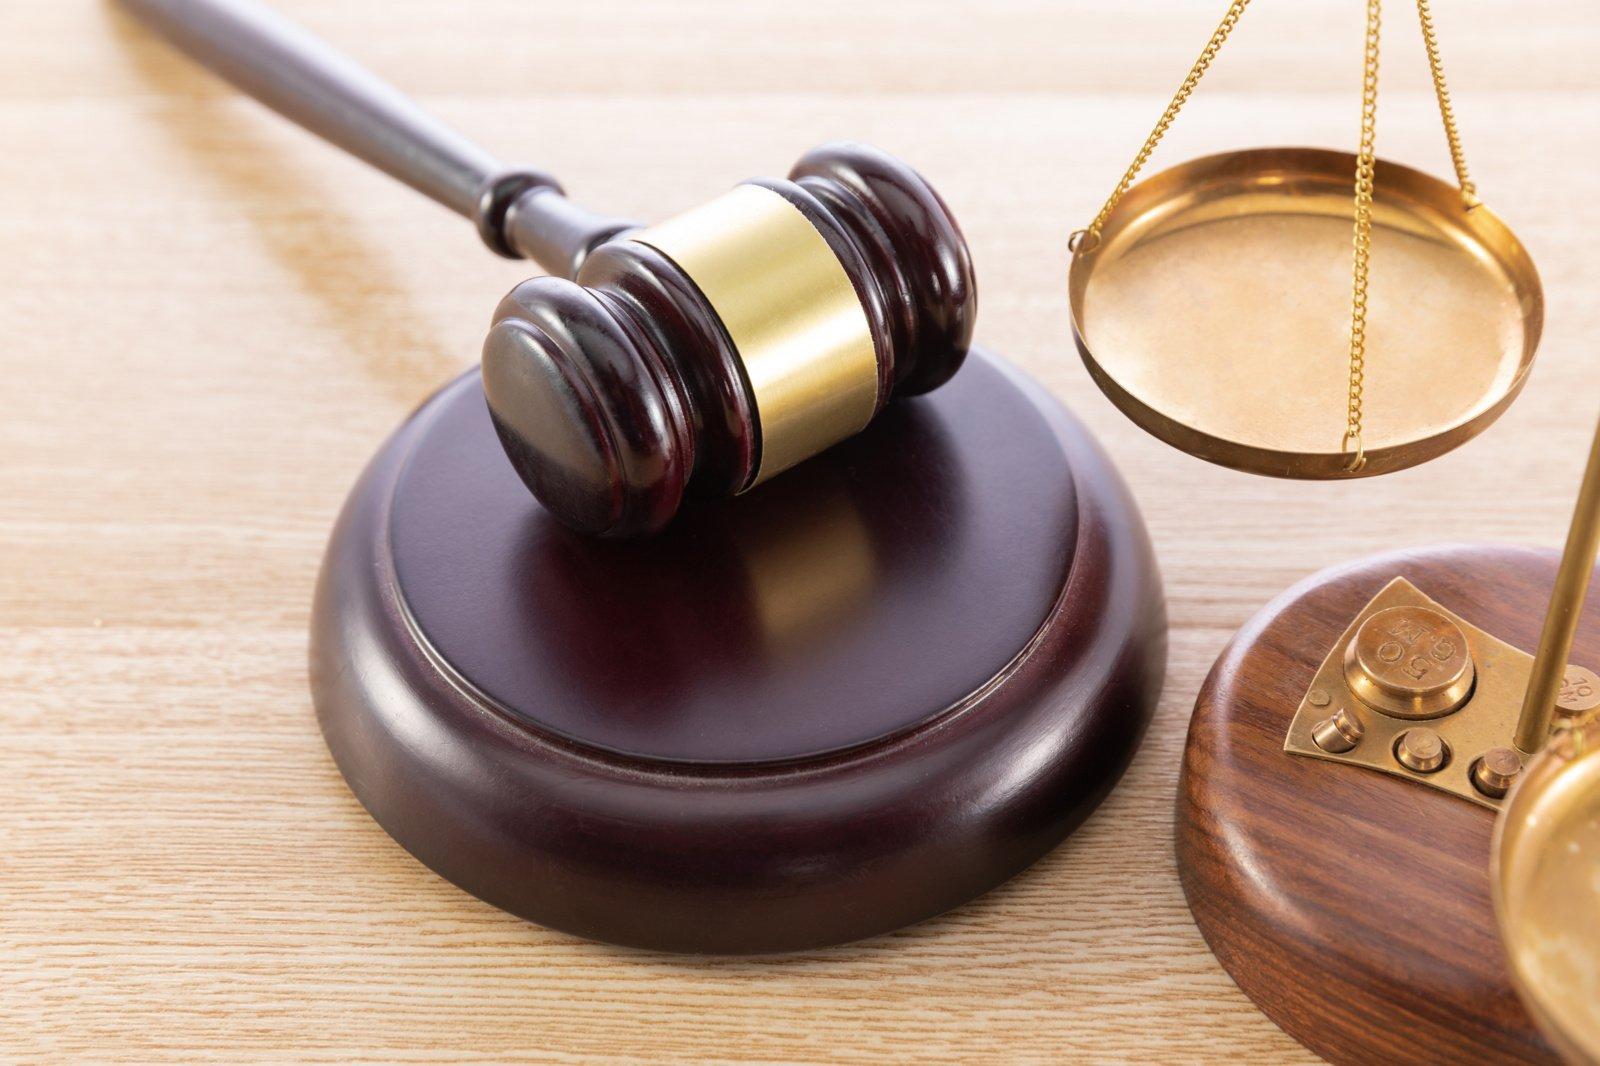 Kauno prokurorė atleista iš tarnybos, nes siekė paveikti tyrimą artimo asmens atžvilgiu